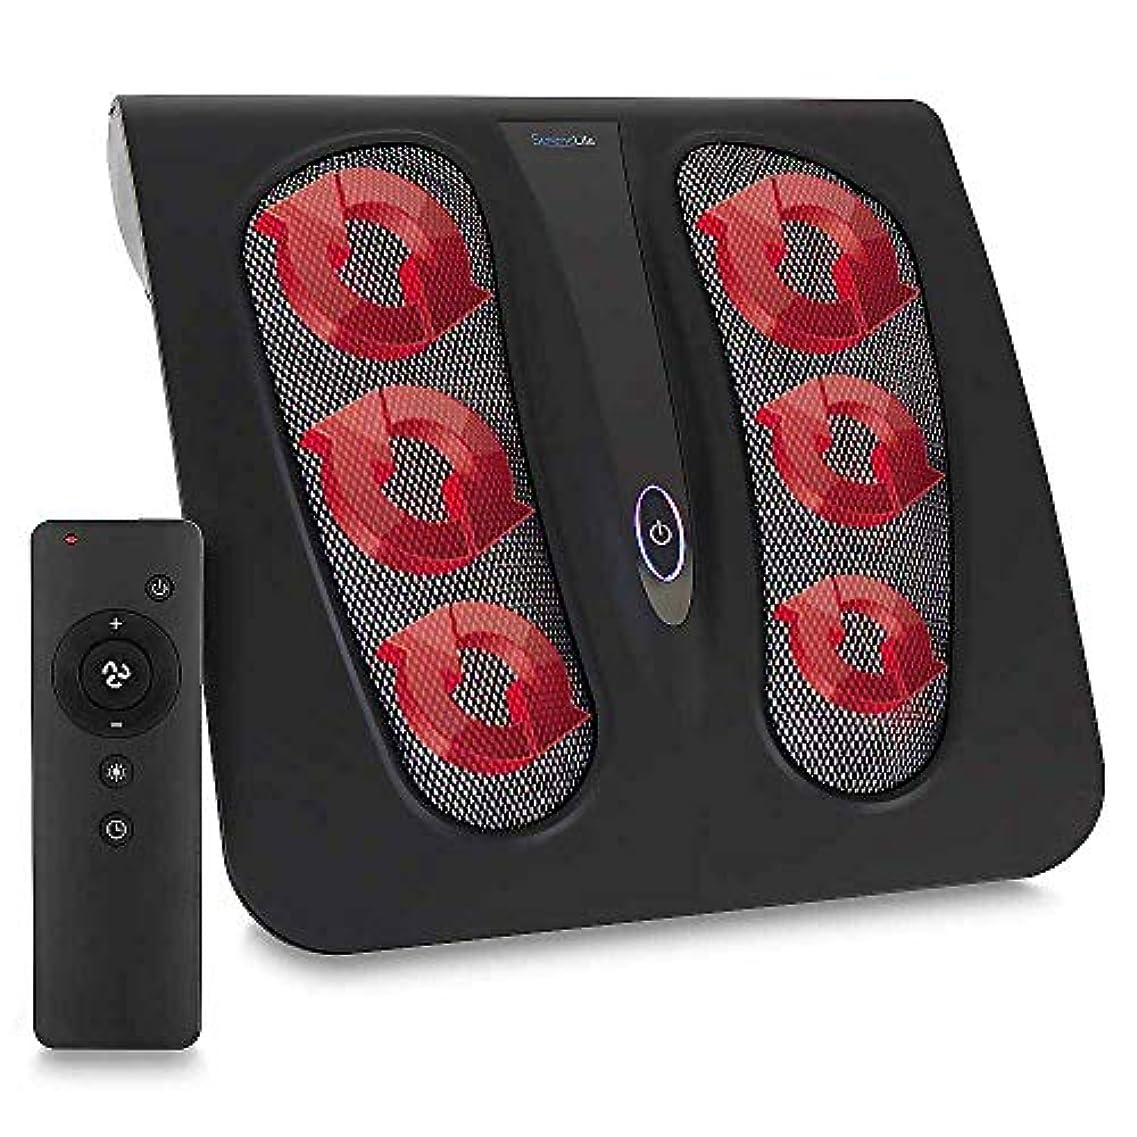 性格カタログ略語SereneLife Deep Kneading Shiatsu Foot Massager - Home Spa Foot Therapy Massage Machine with Heat Function, Remote...